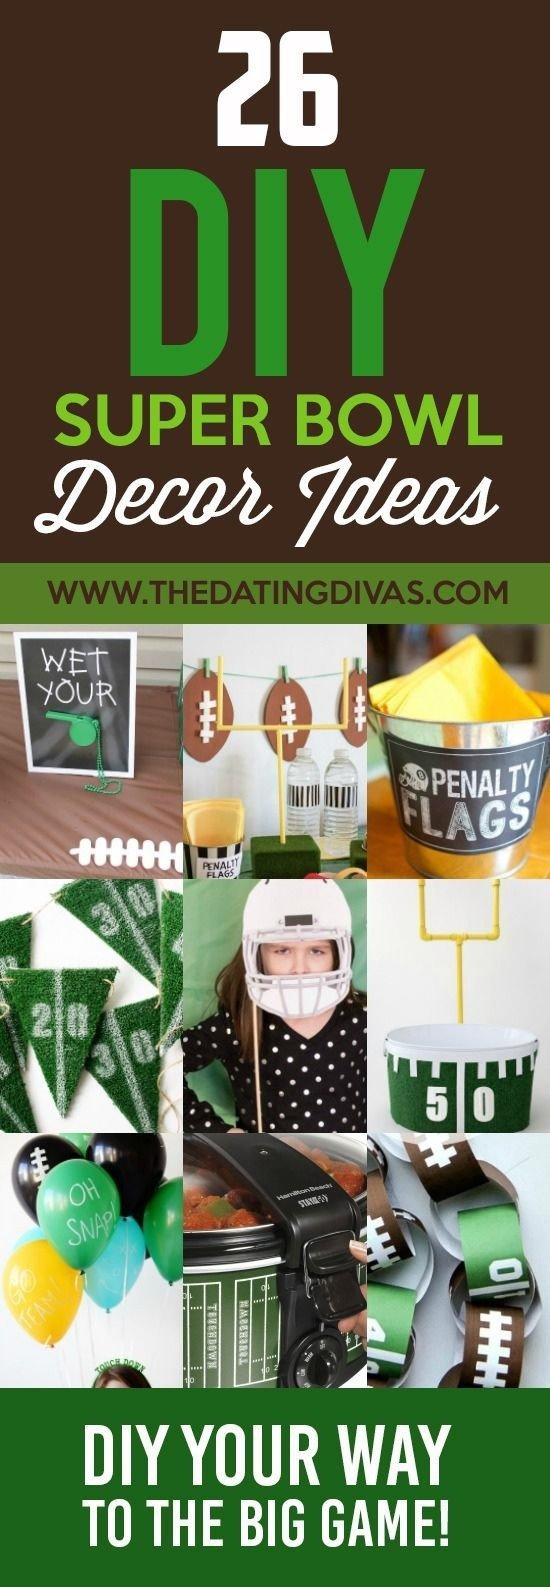 10 Gorgeous Super Bowl Party Ideas Pinterest 185 best football and super bowl party ideas images on pinterest 2020